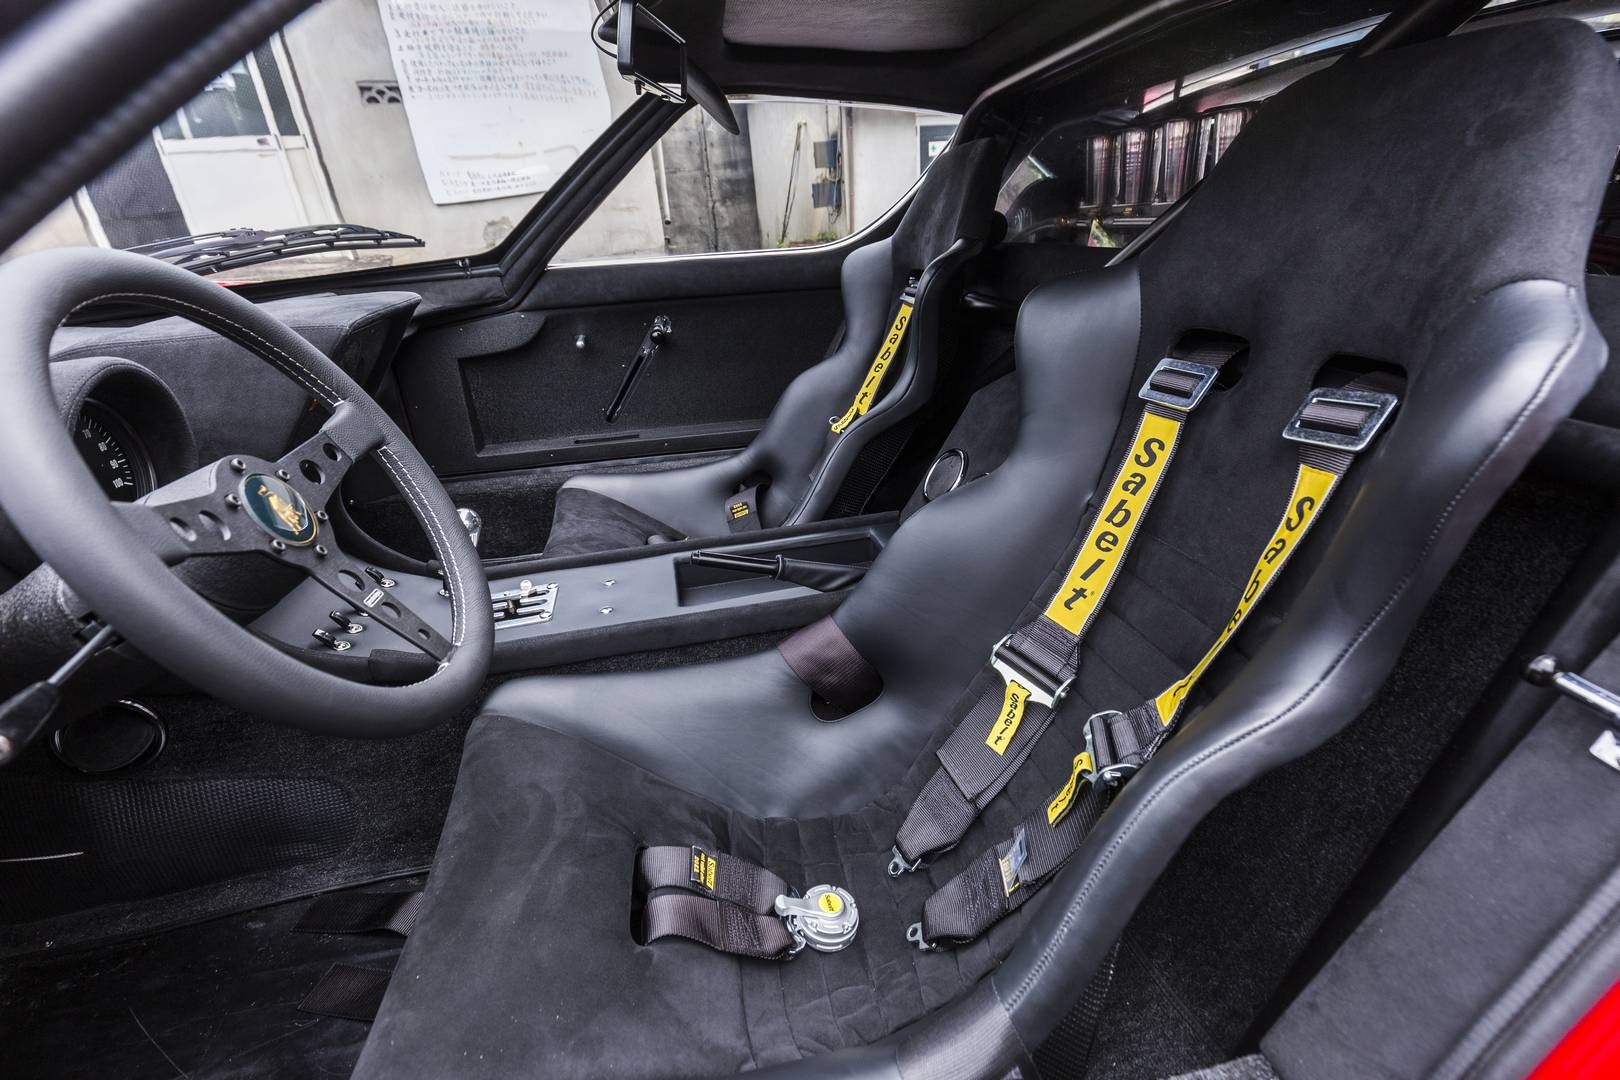 Автомобиль, который восстанавливает Lamborghini, первоначально был Lamborghini Miura S, который покинул завод в Verde Miura с черным интерьером.